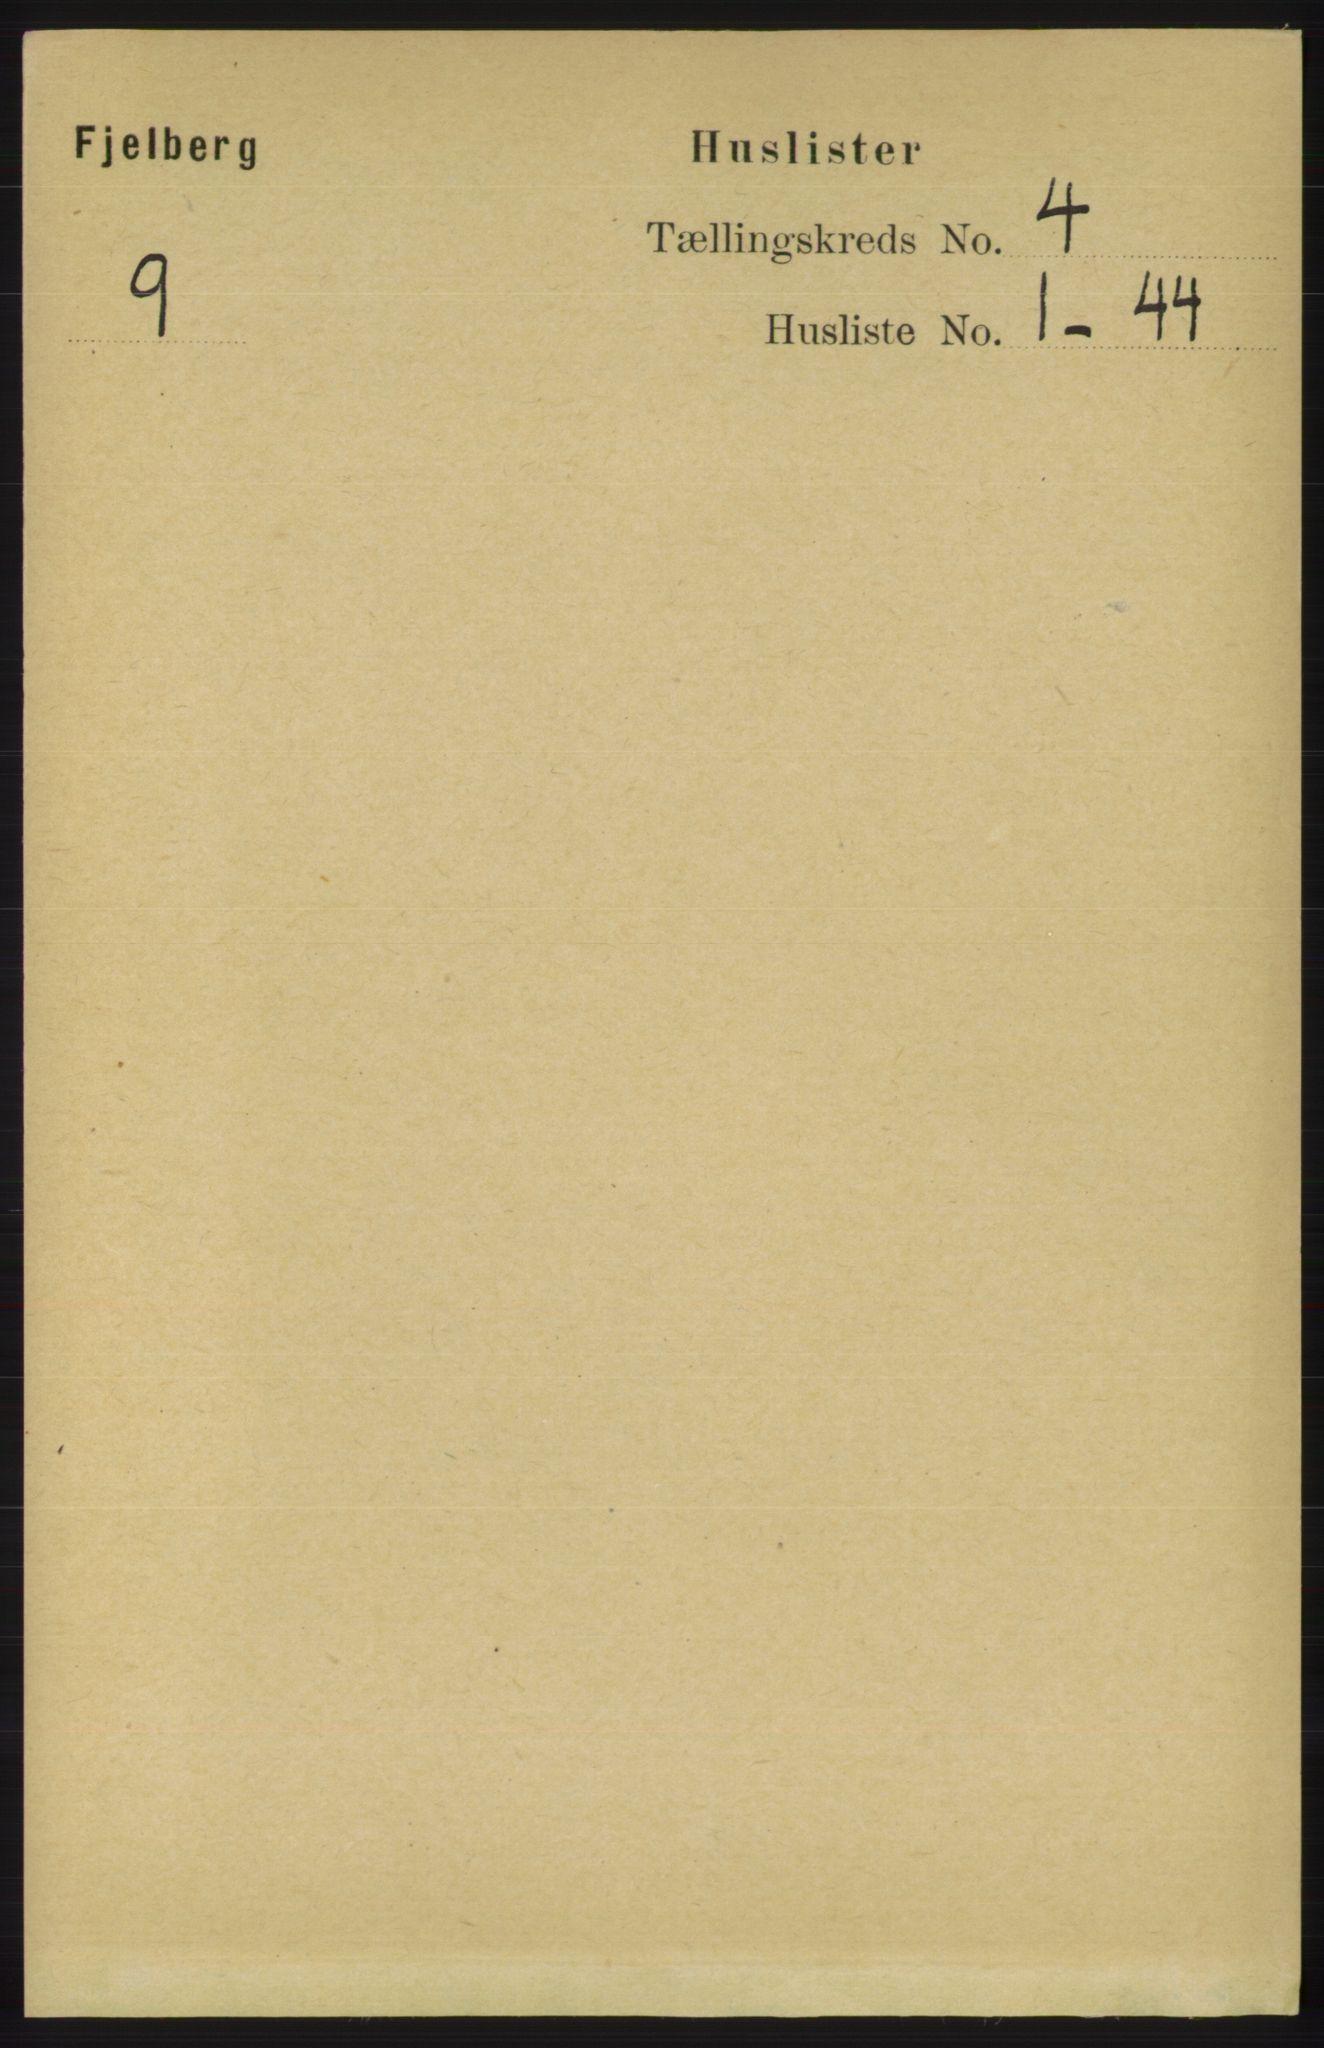 RA, Folketelling 1891 for 1213 Fjelberg herred, 1891, s. 1125